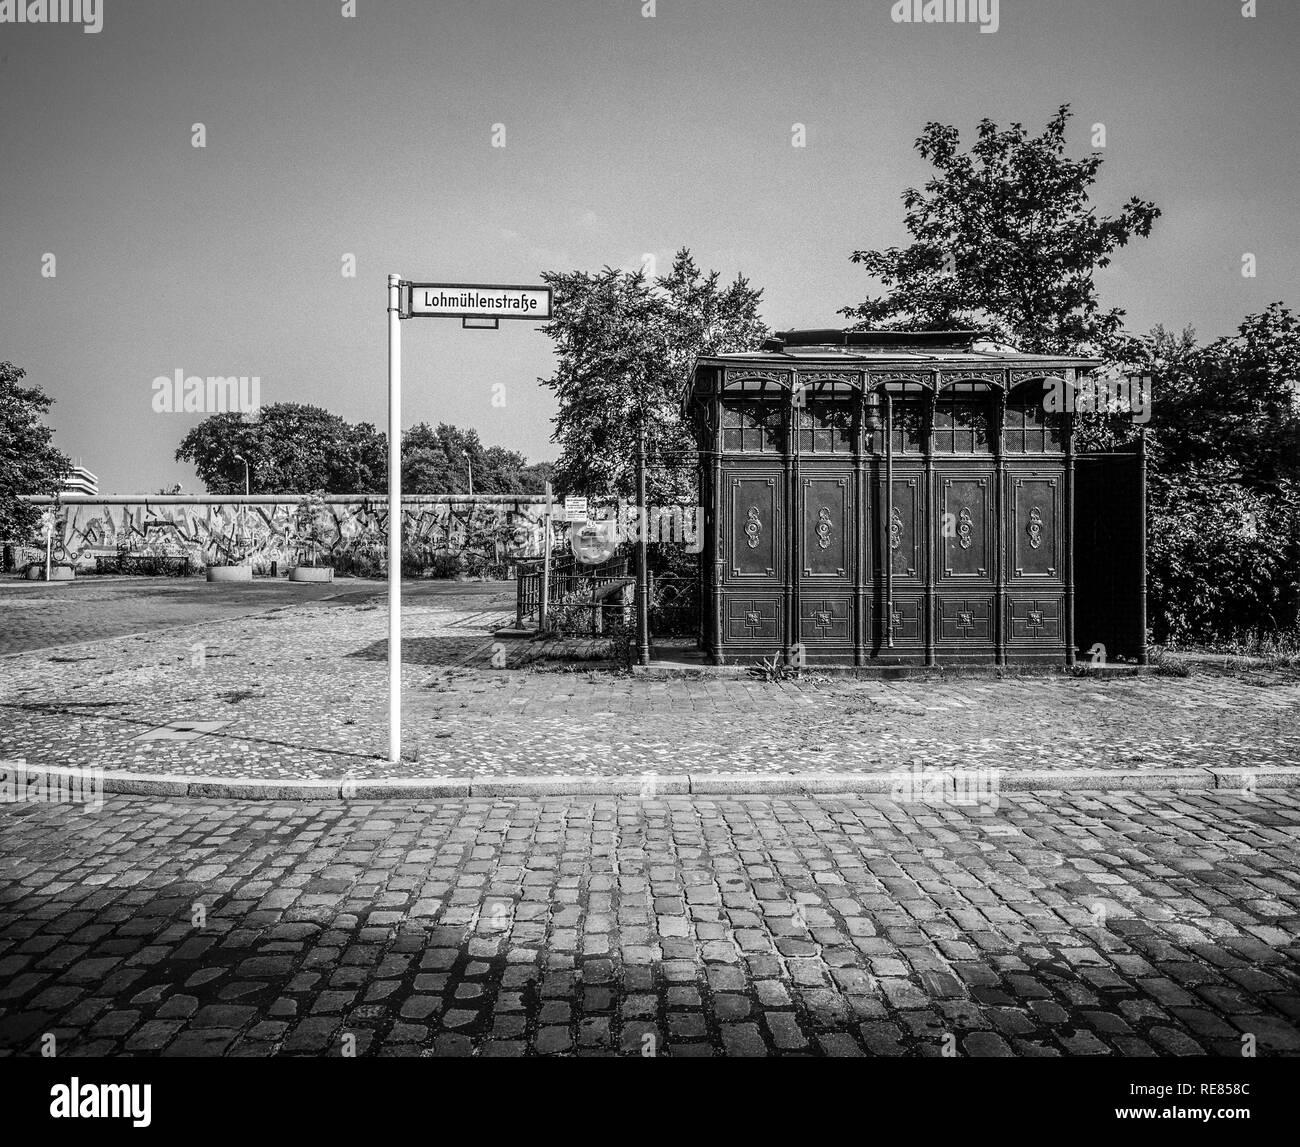 Agosto de 1986, el antiguo baño público 1899, el muro de Berlín graffitis, Lohmühlenstrasse calle signo, Treptow, Berlín occidental, Alemania, Europa, Imagen De Stock